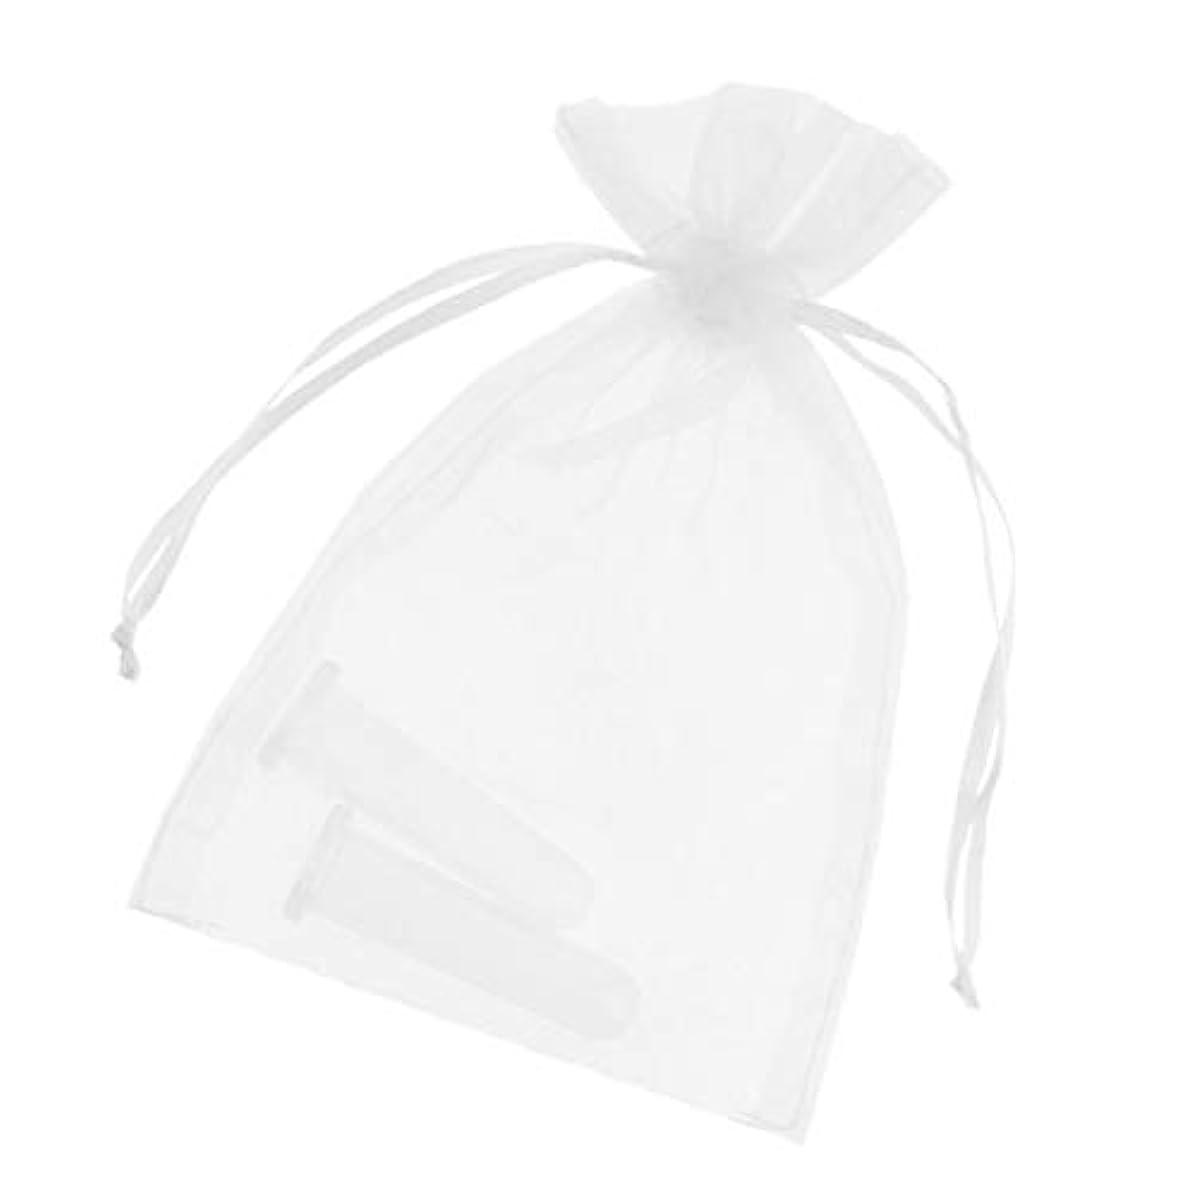 怠惰同盟フォローシリコンカッピング吸い玉 真空カッピング デトックス マッサージカップ 収納ポーチ付き顔用2個全2色 - ホワイト